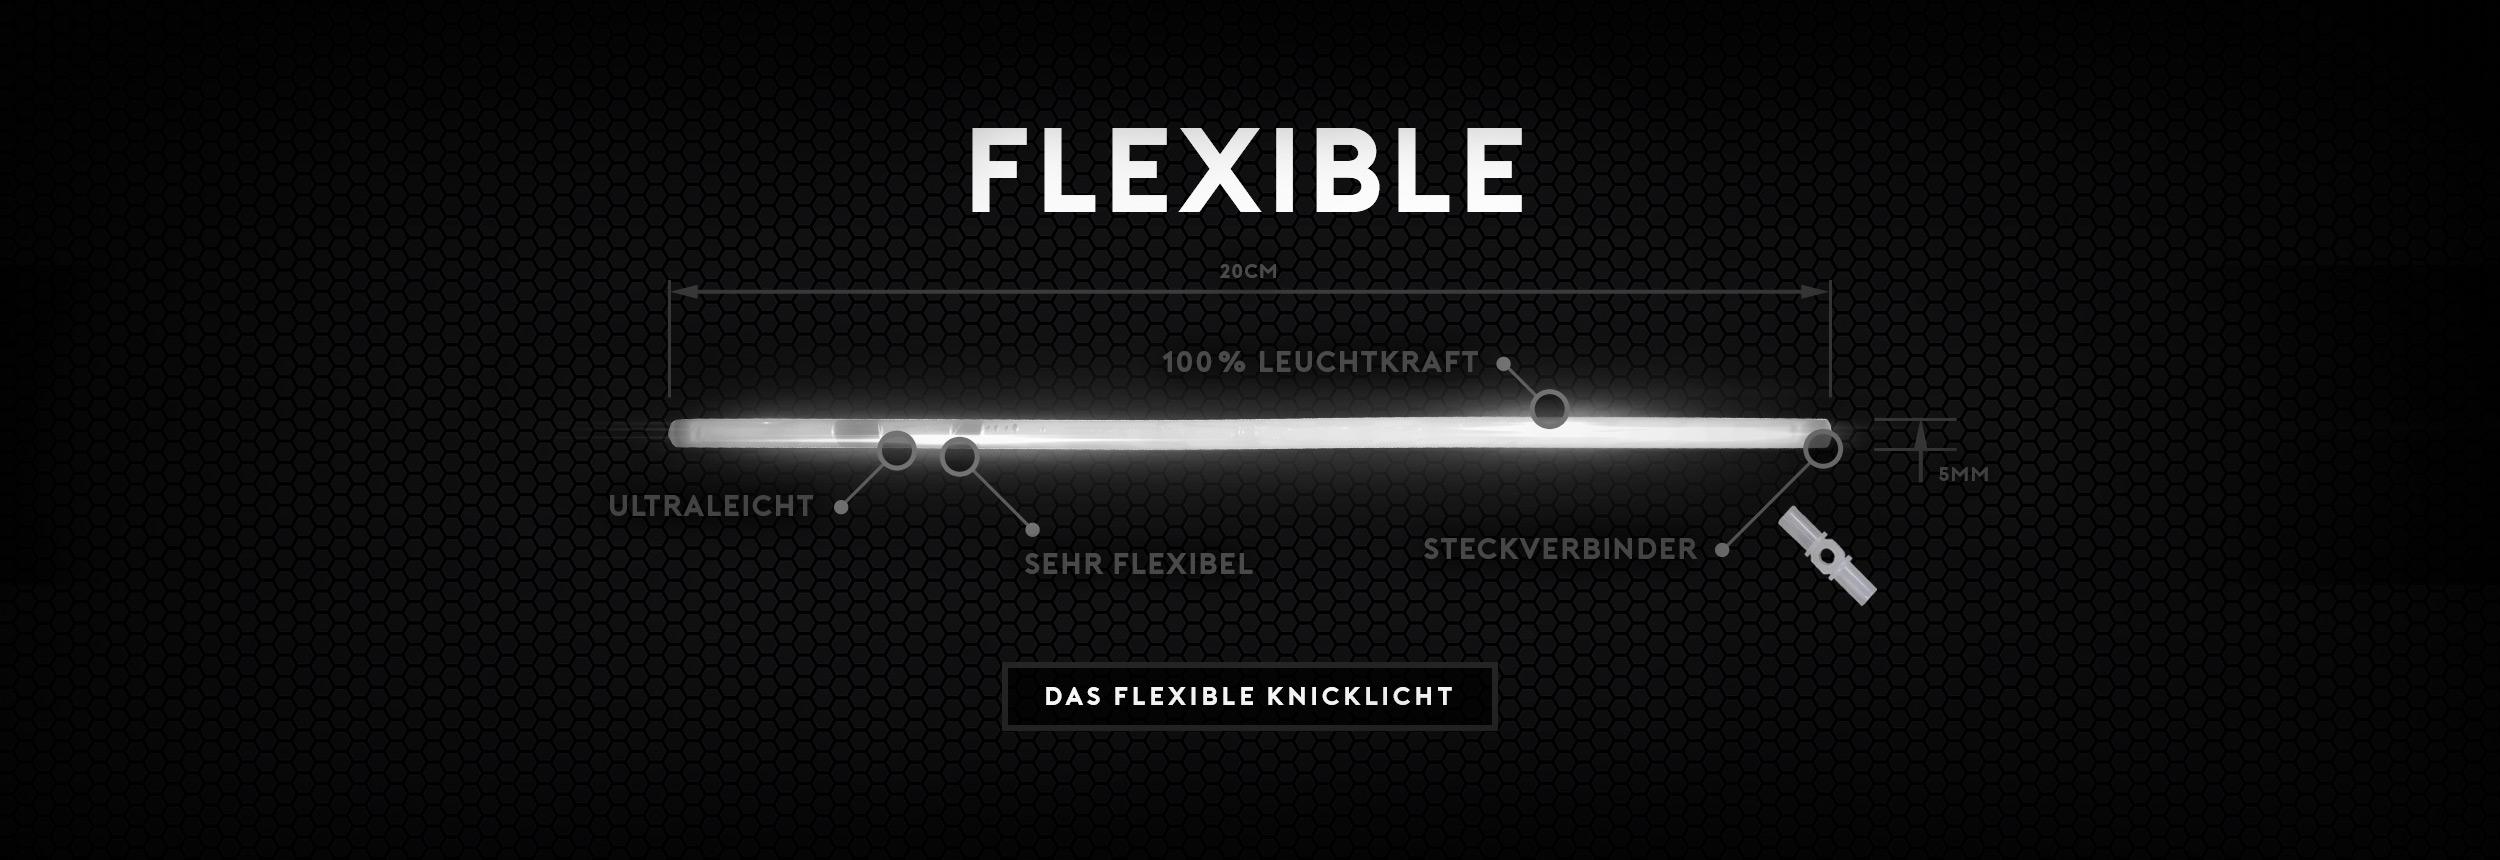 Flexible Knicklichter